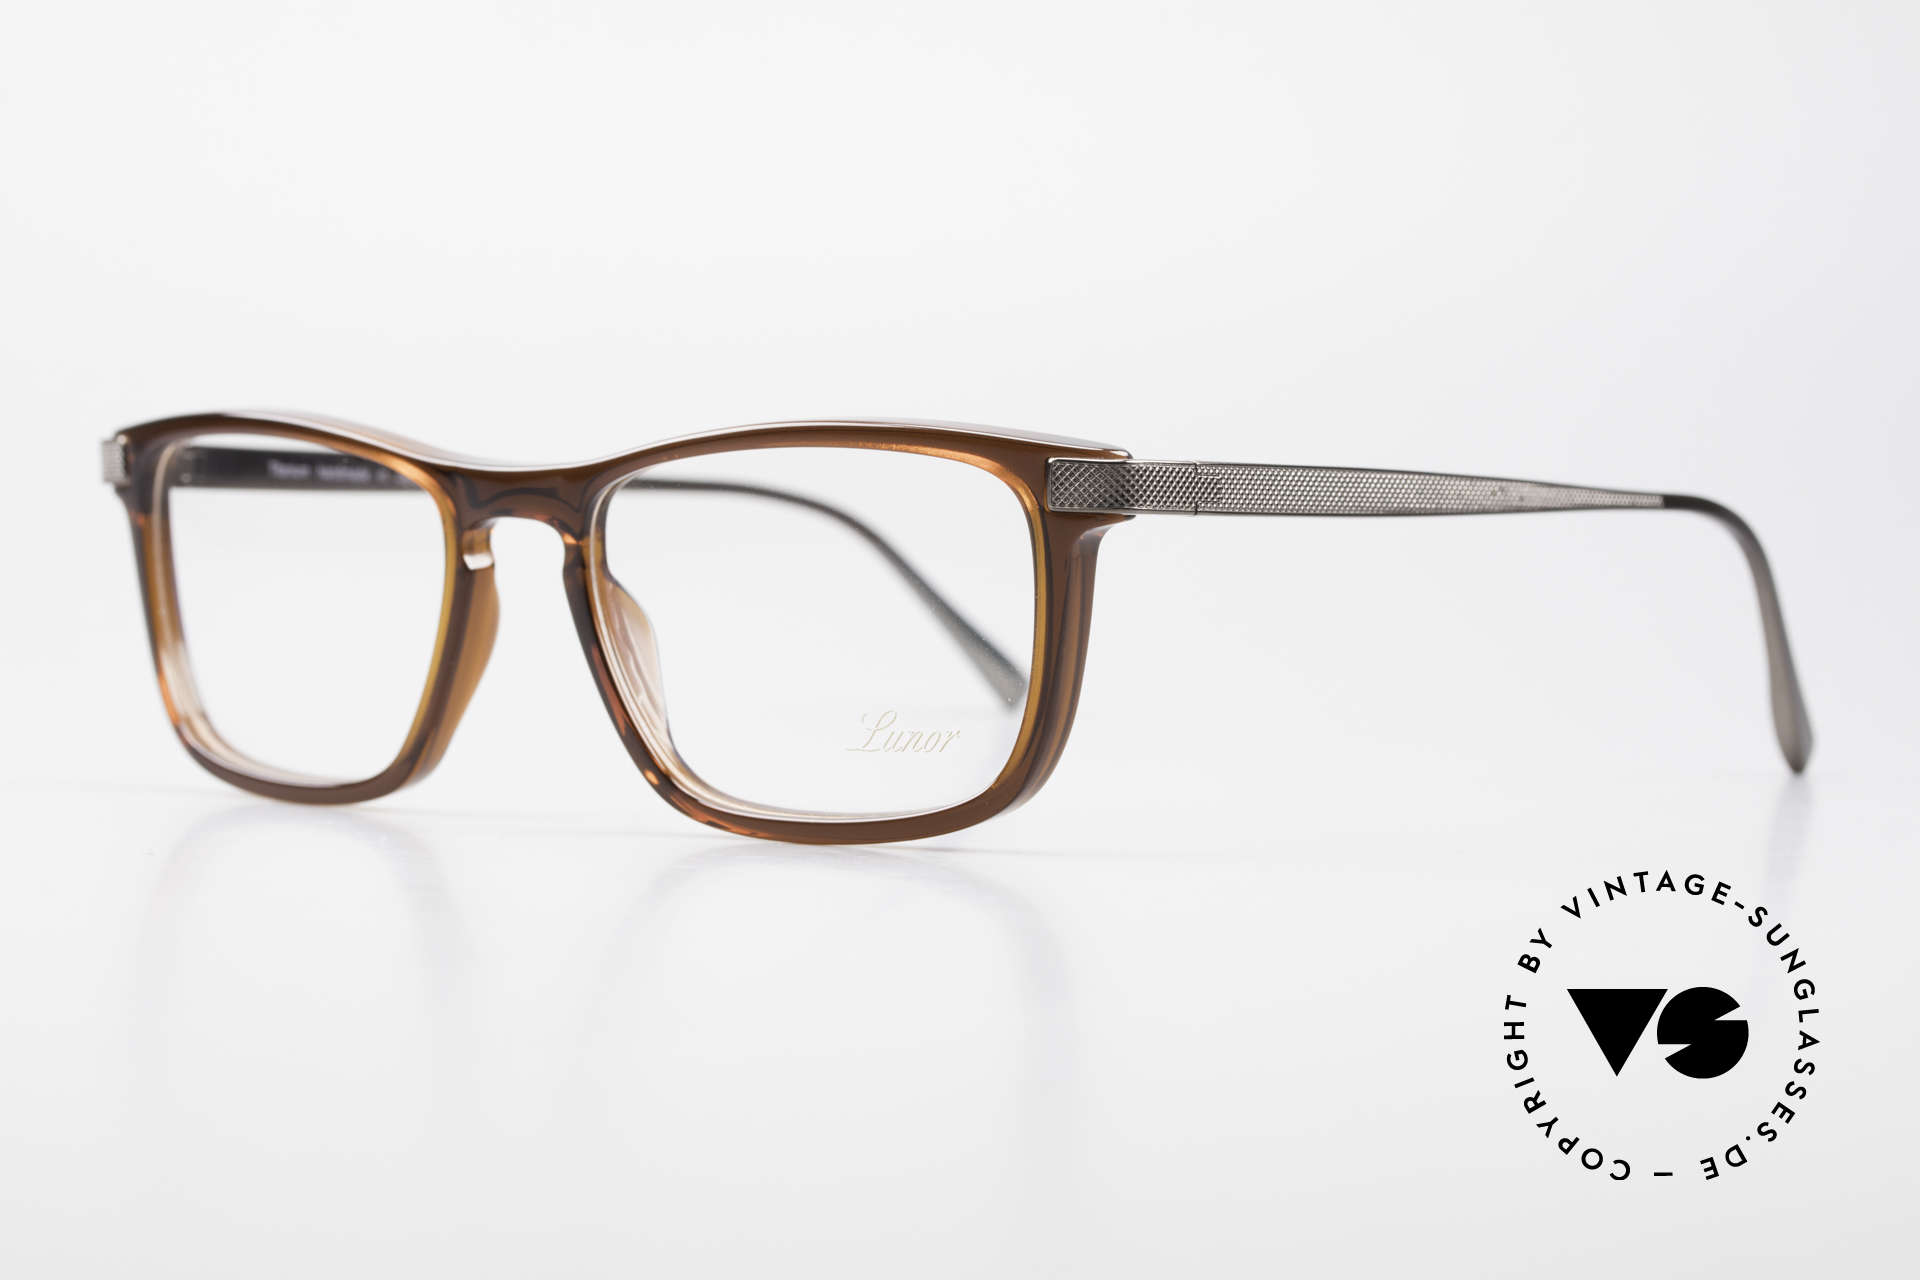 """Lunor Imperial Anatomic Titanium Brille 2012 Unisex, LUNOR = französisch für """"Lunette d'Or"""" (Goldbrille), Passend für Herren und Damen"""